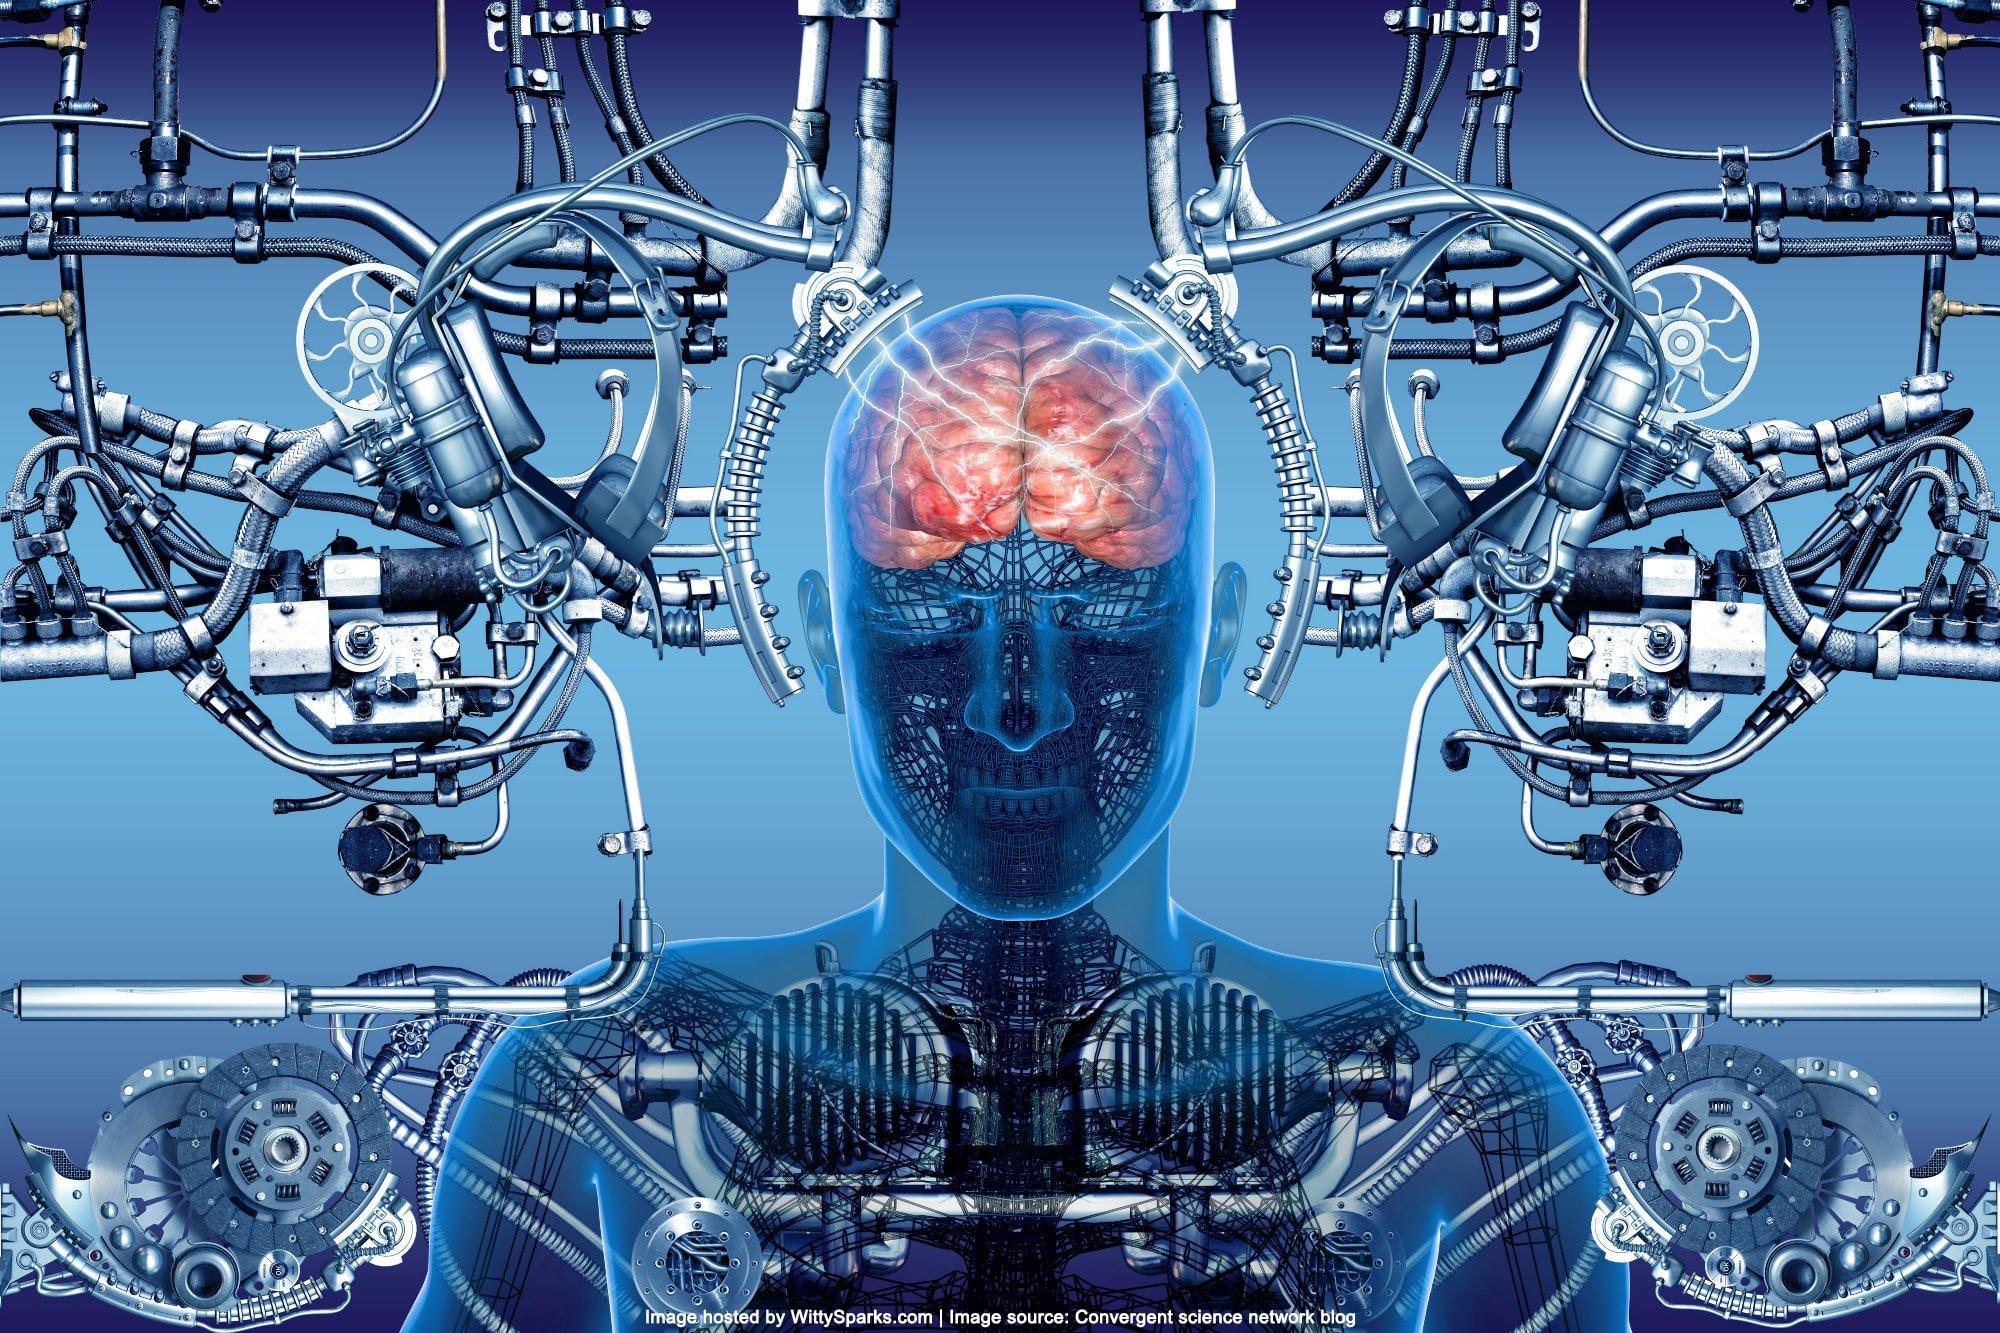 Latest Developments in Cybernetic Technology